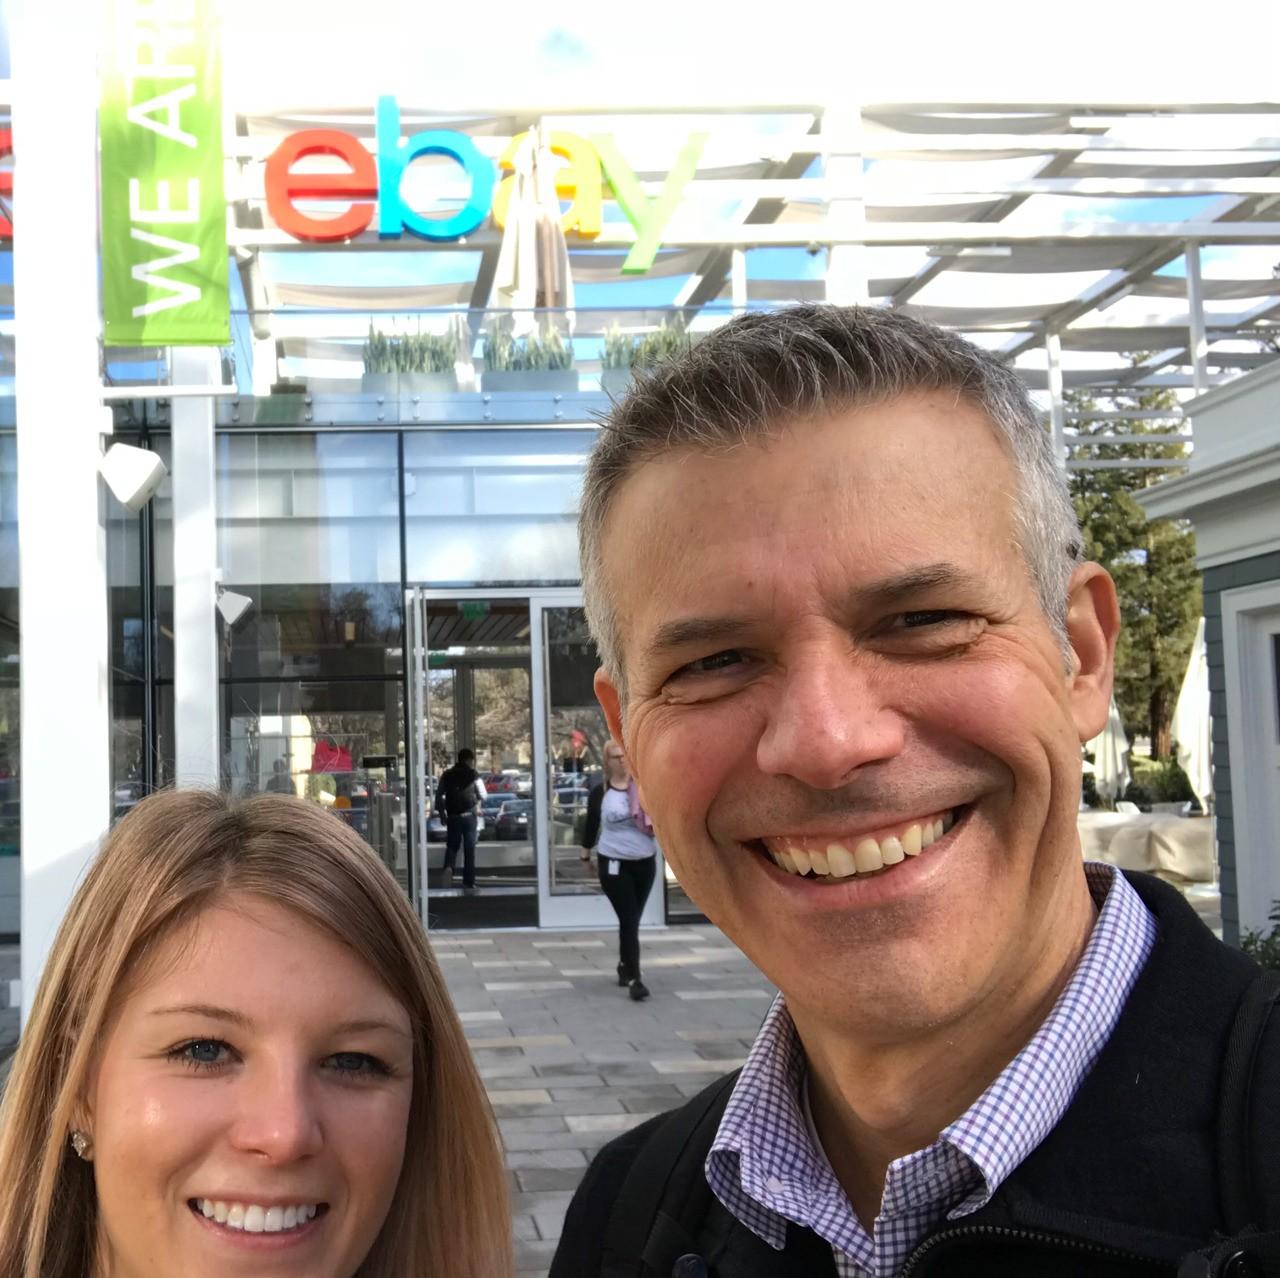 Helping eBay fill it's shopping cart with Flipboard. @shannonklarson@flipboard